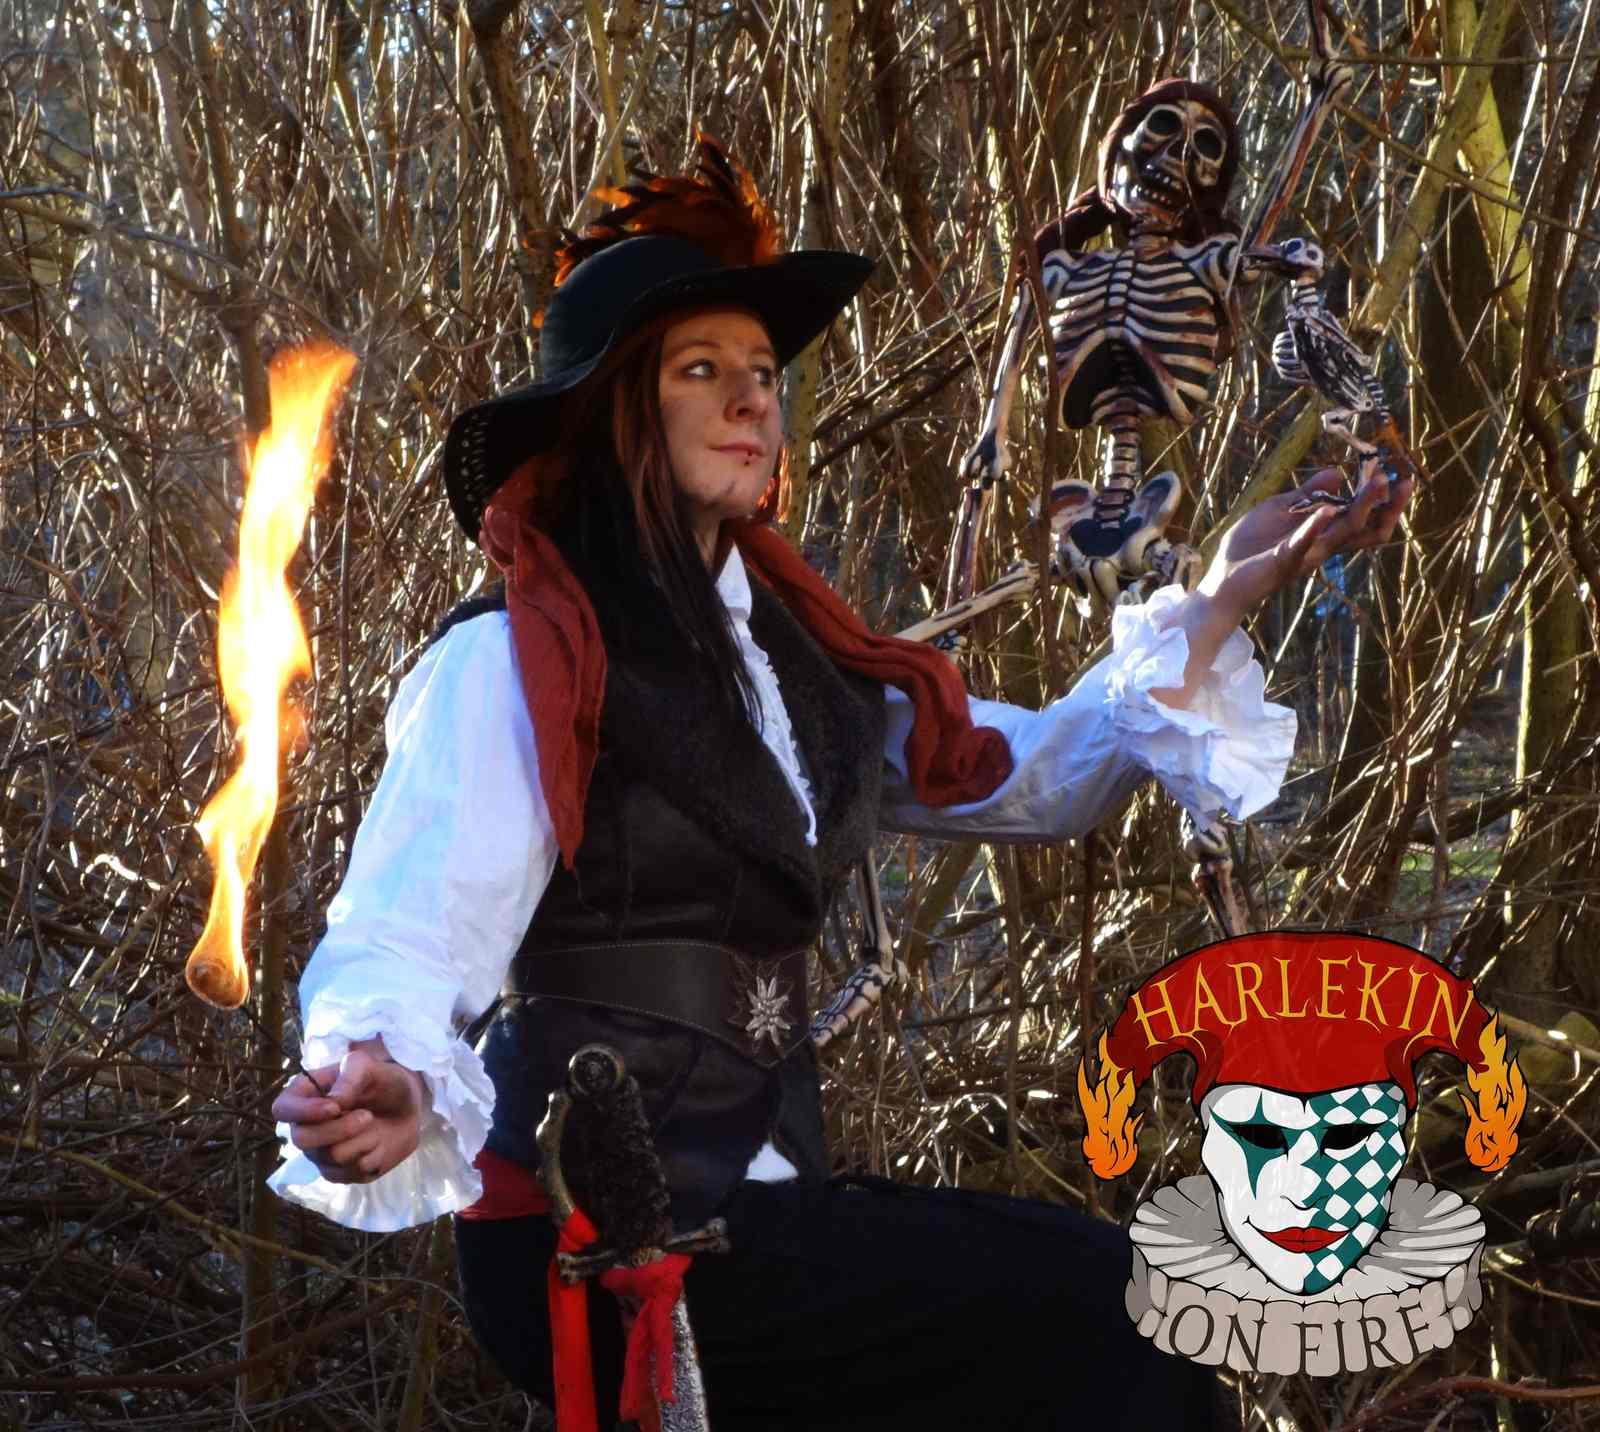 Piraten Feuershow in Kiel für Kinder